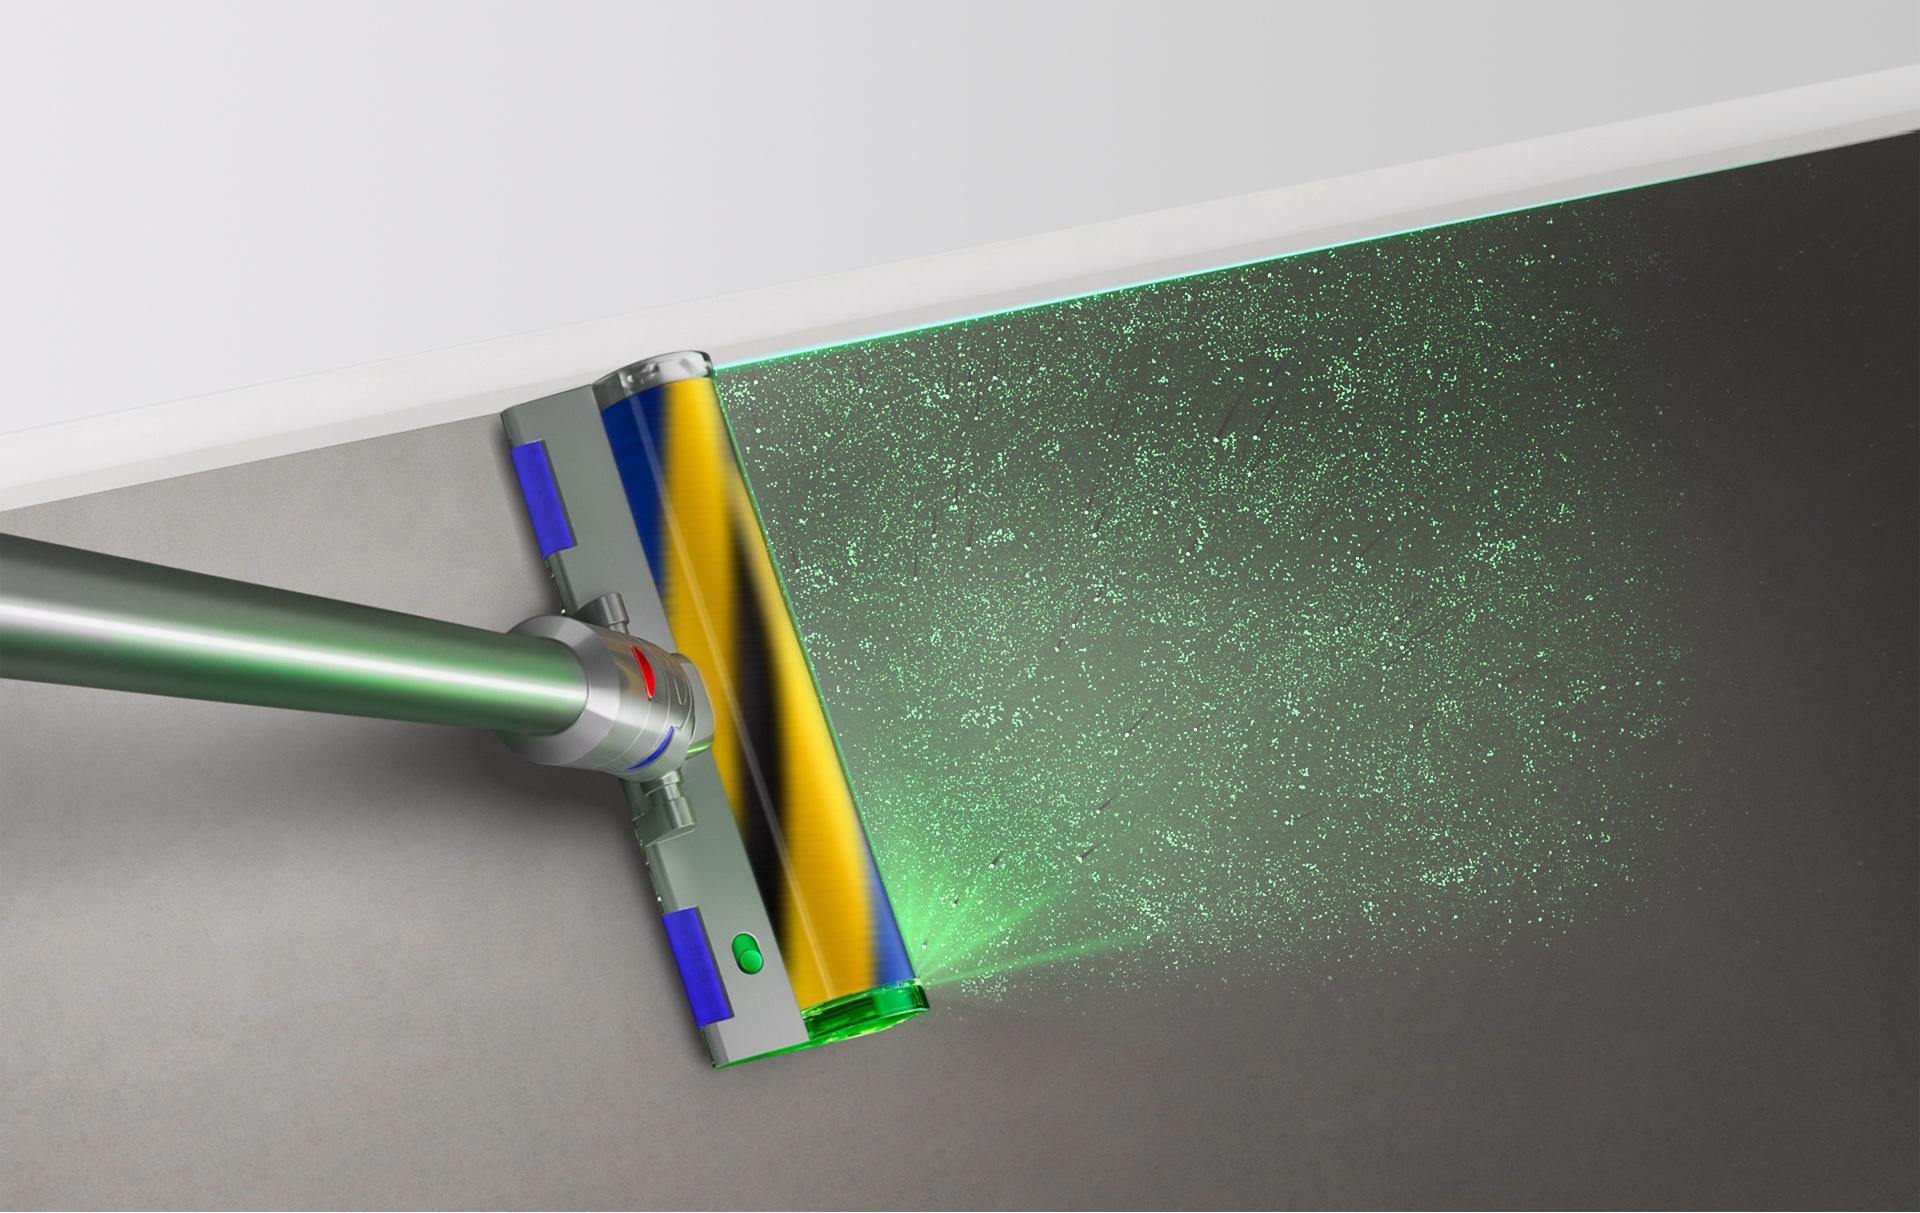 Đầu hút Laser Slim Fluffy đang làm sạch dọc theo một bức tường